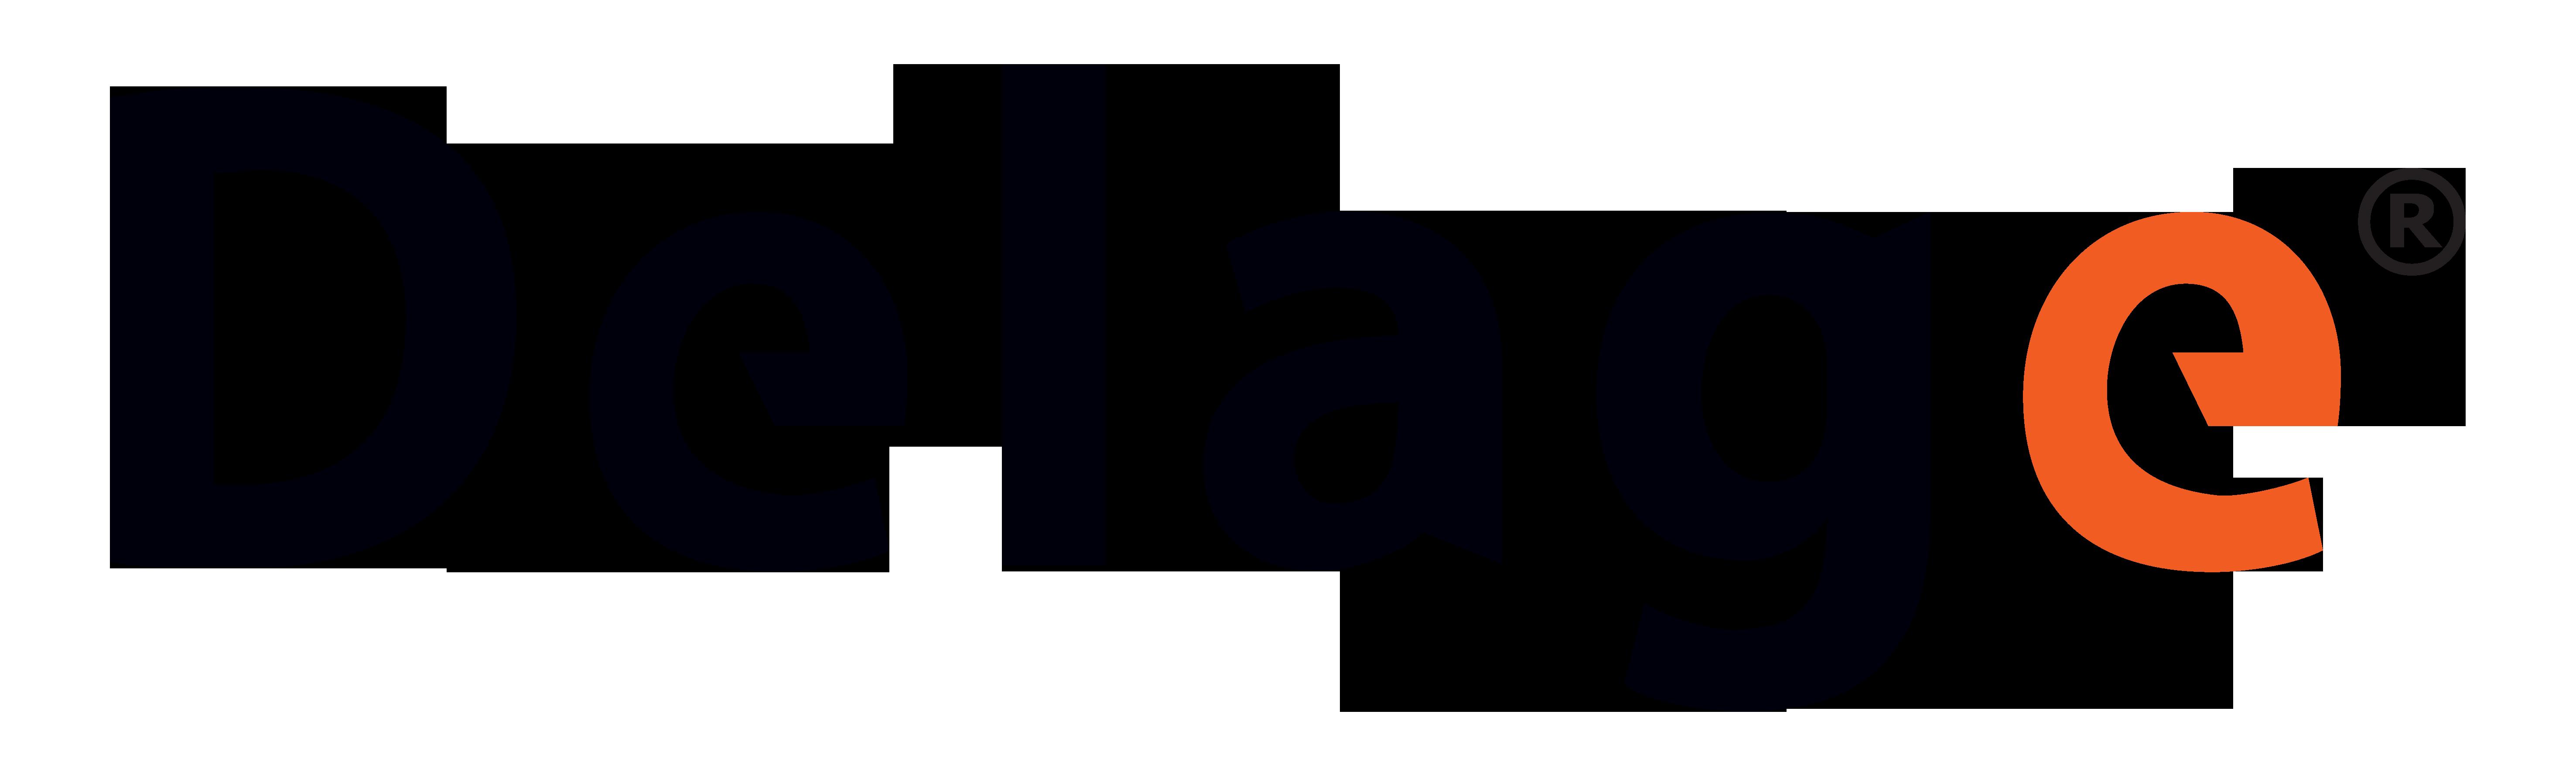 Visite o site da Delage